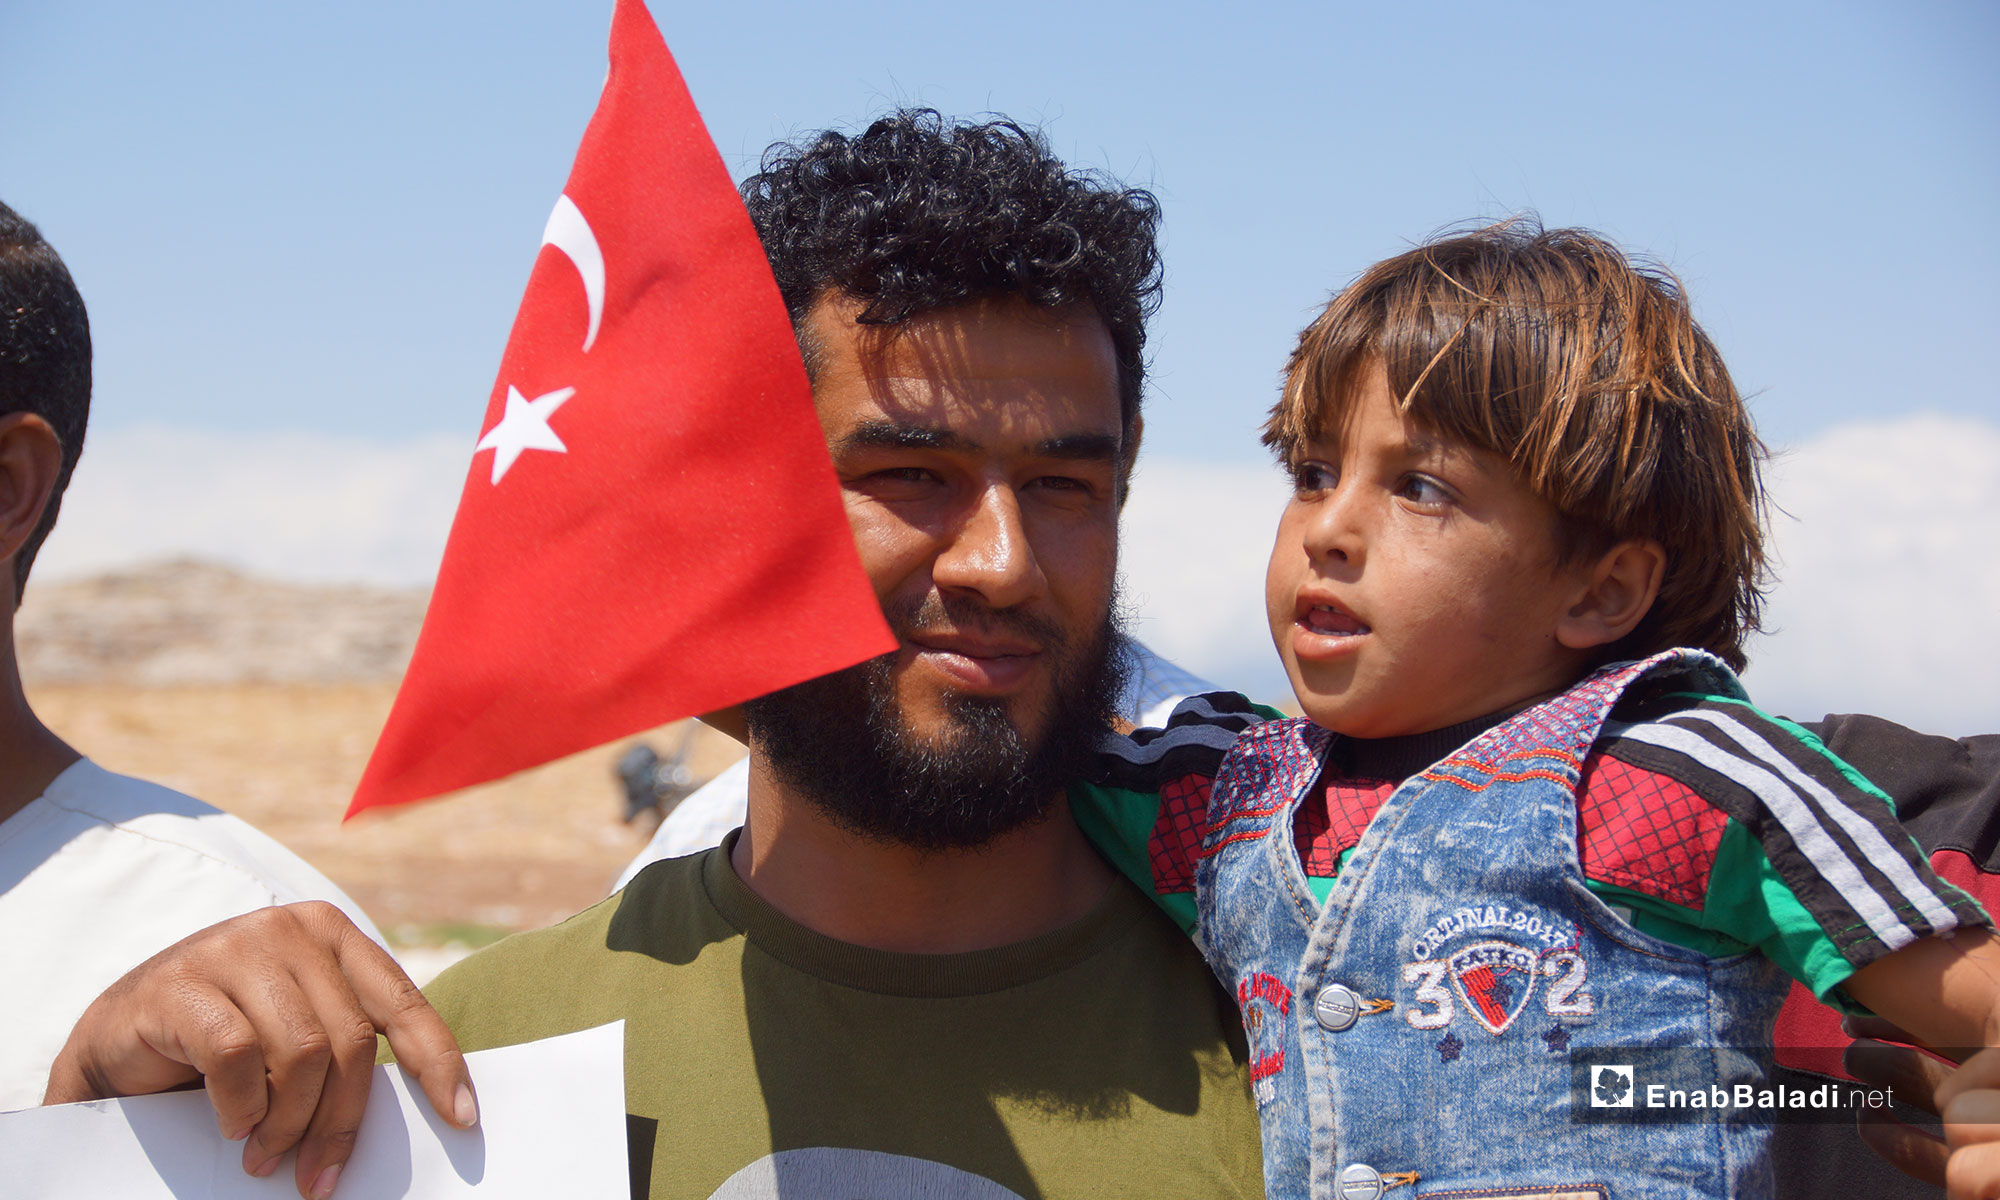 اهالي سهل الغاب يطالبون بالحماية التركية في ريف حماة - 30 تموز 2018 (عنب بلدي)